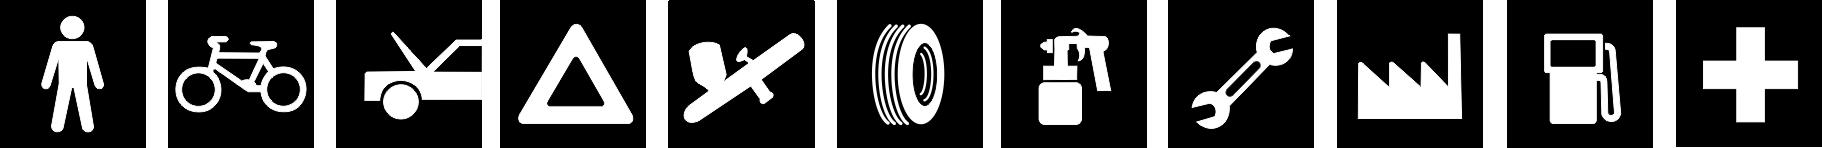 Símbolos (A empresa)